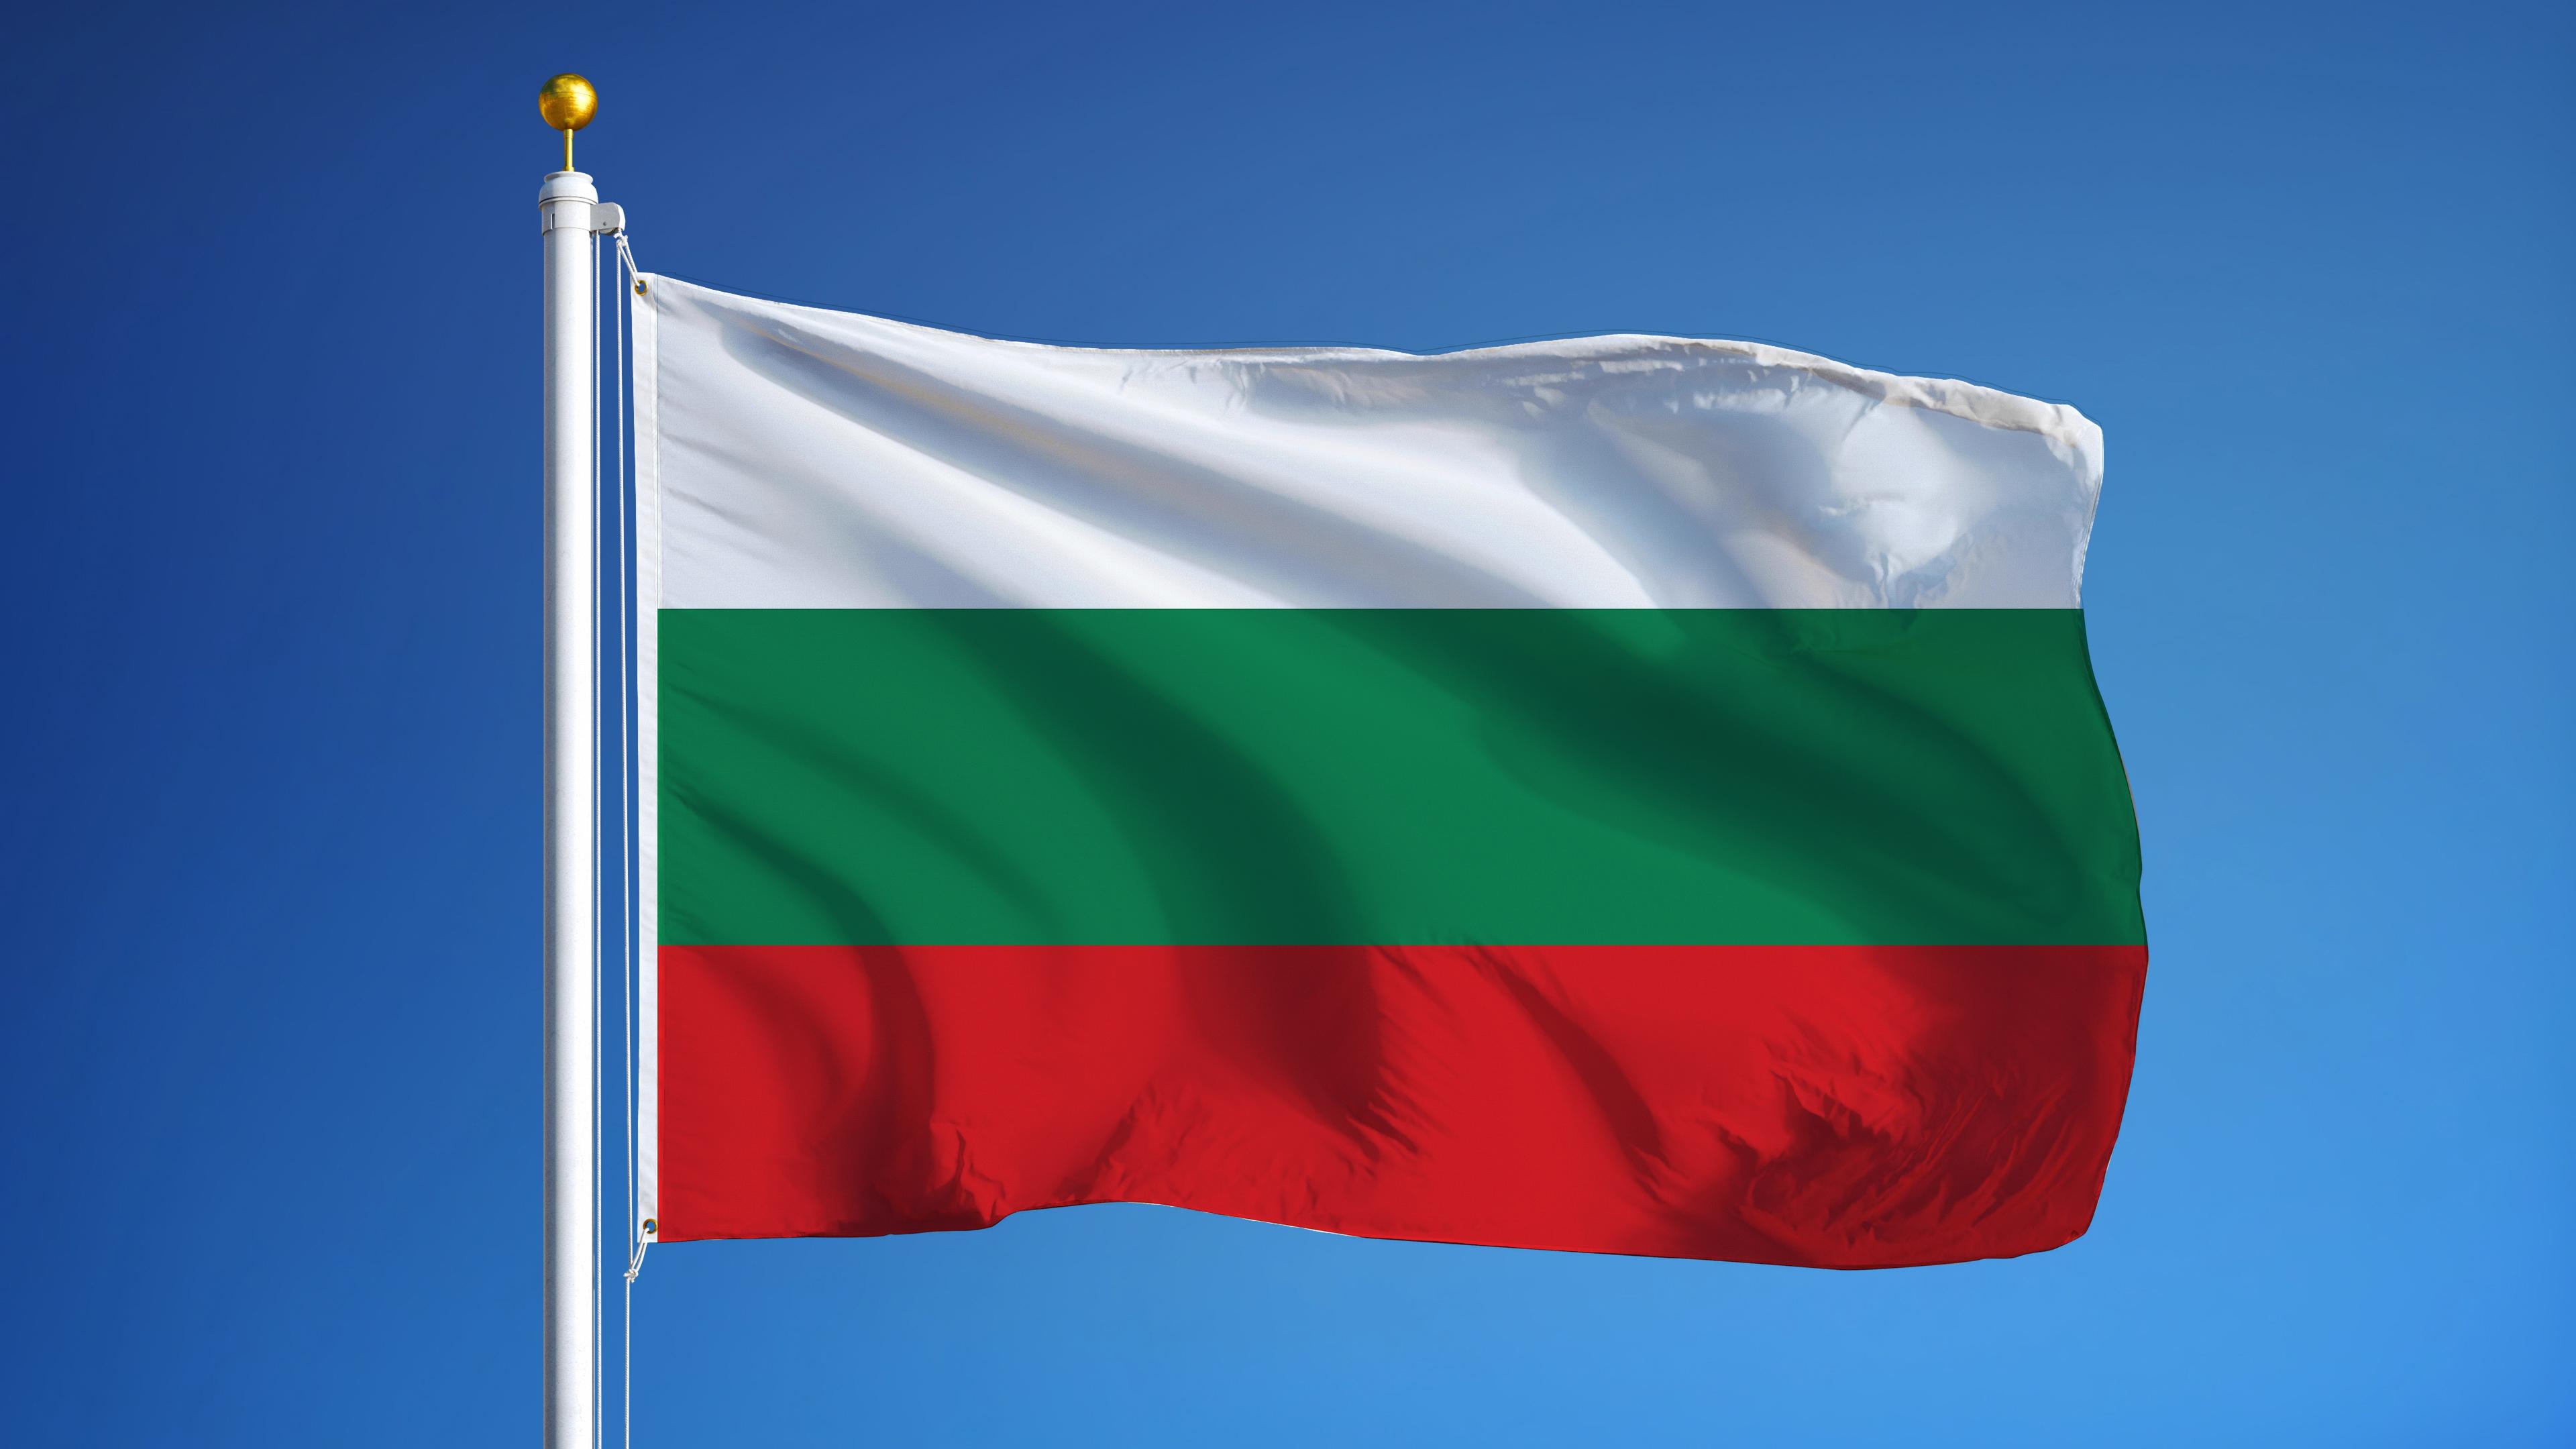 этом флаг болгарии фото входят конические